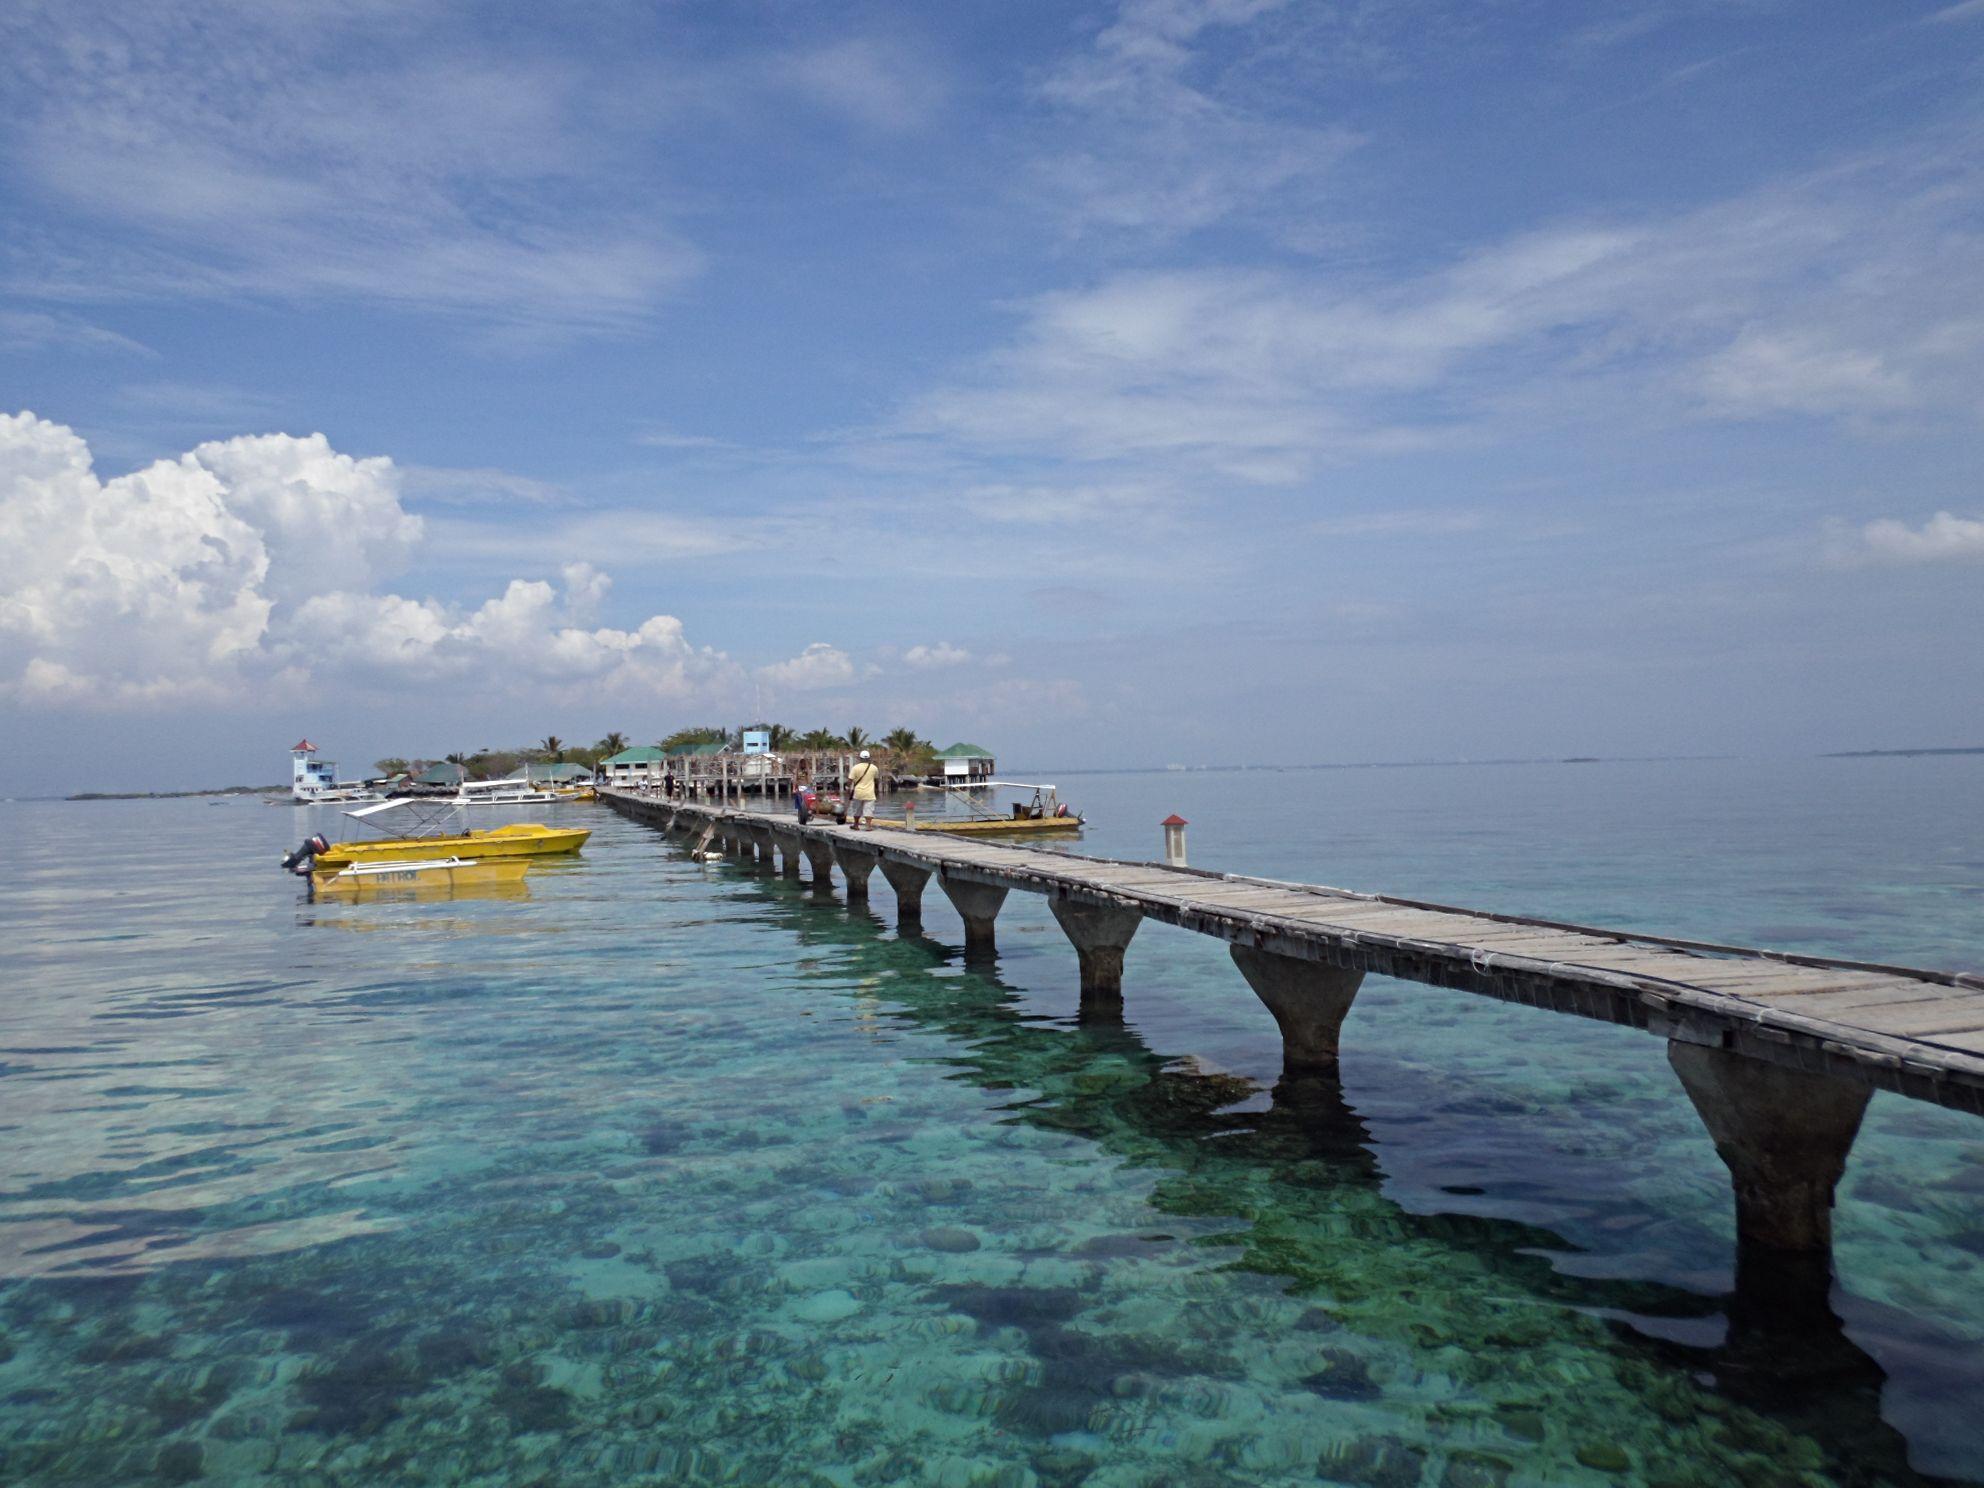 #Nalusuwan #Philippines #Bridge